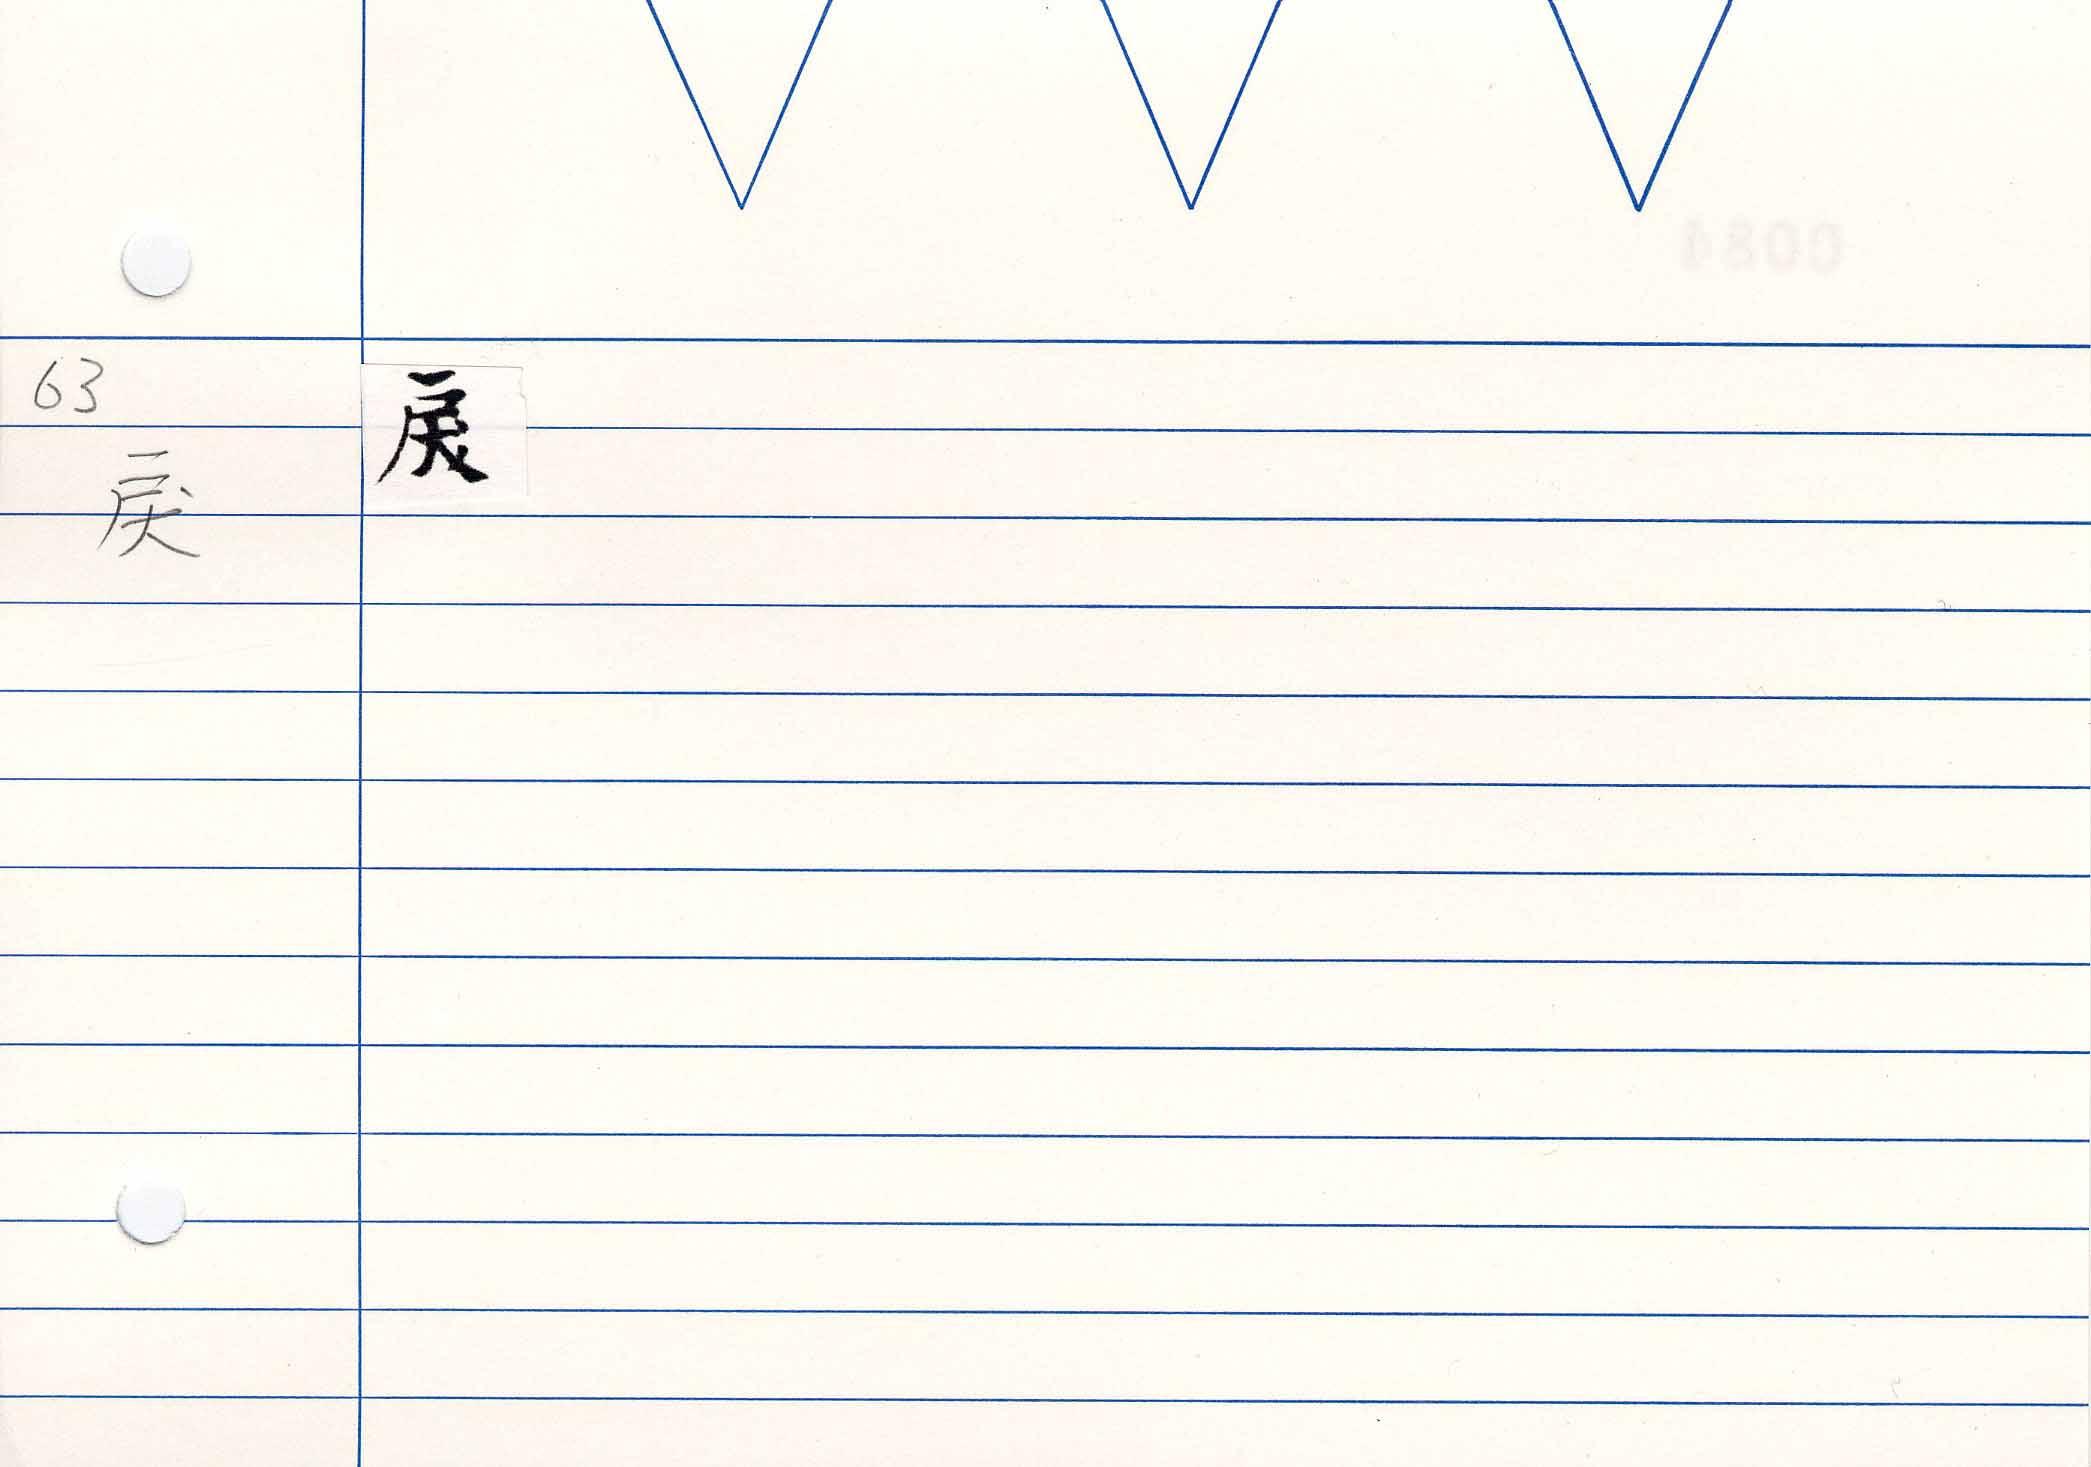 13_妙法蓮華經卷八(S.2577)/cards/0084.jpg